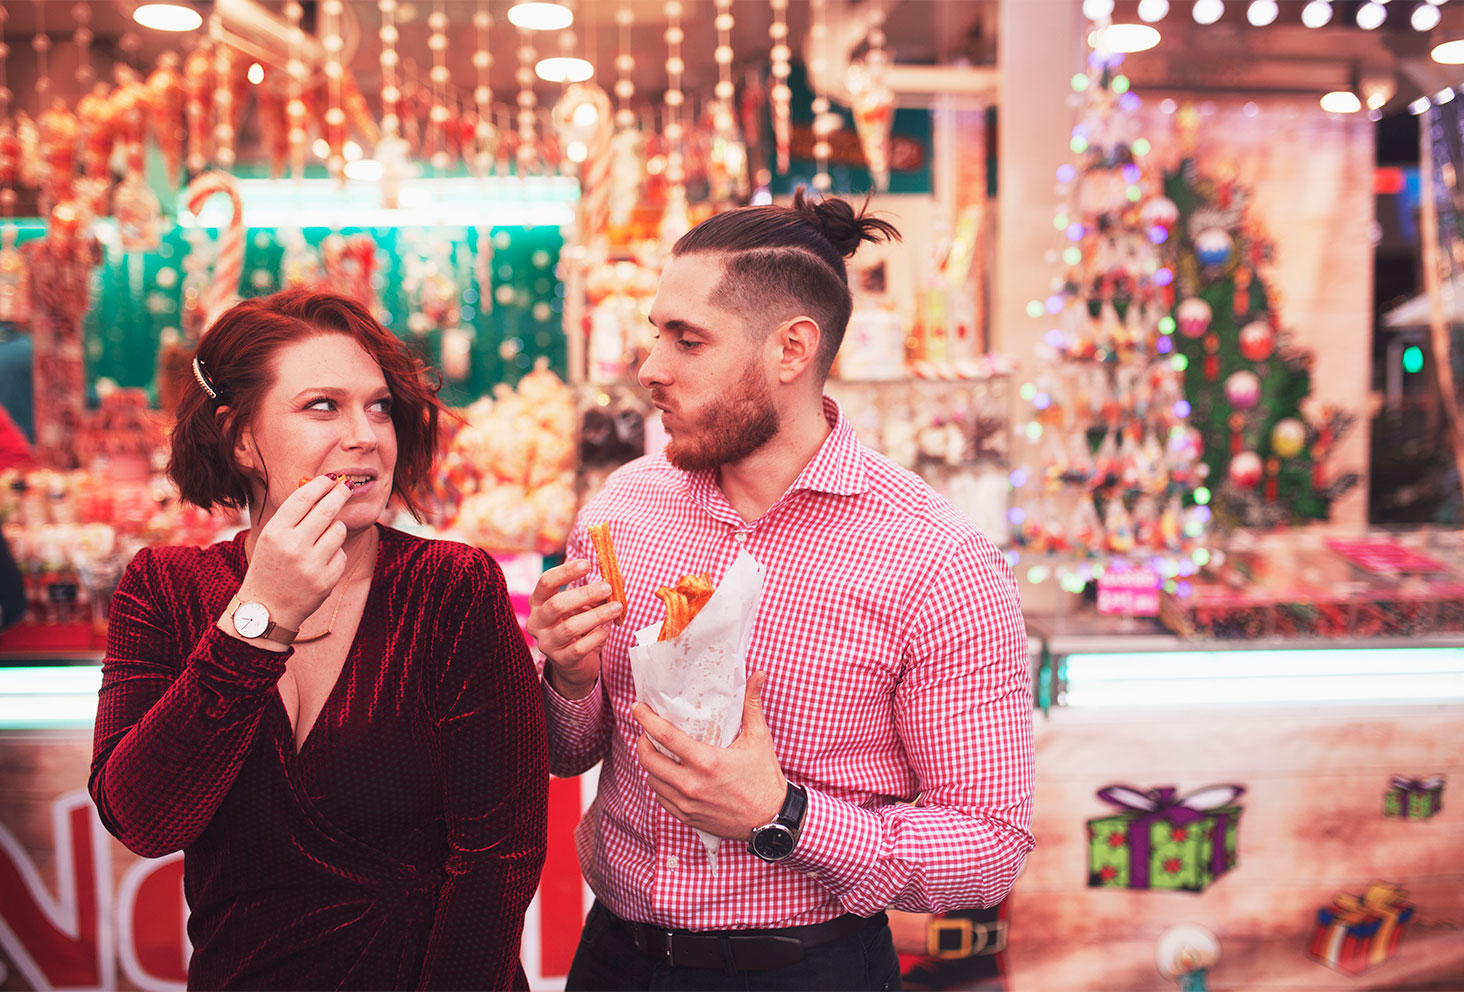 En amoureux en train de manger des chichis au marché de Noël en tenues de fêtes